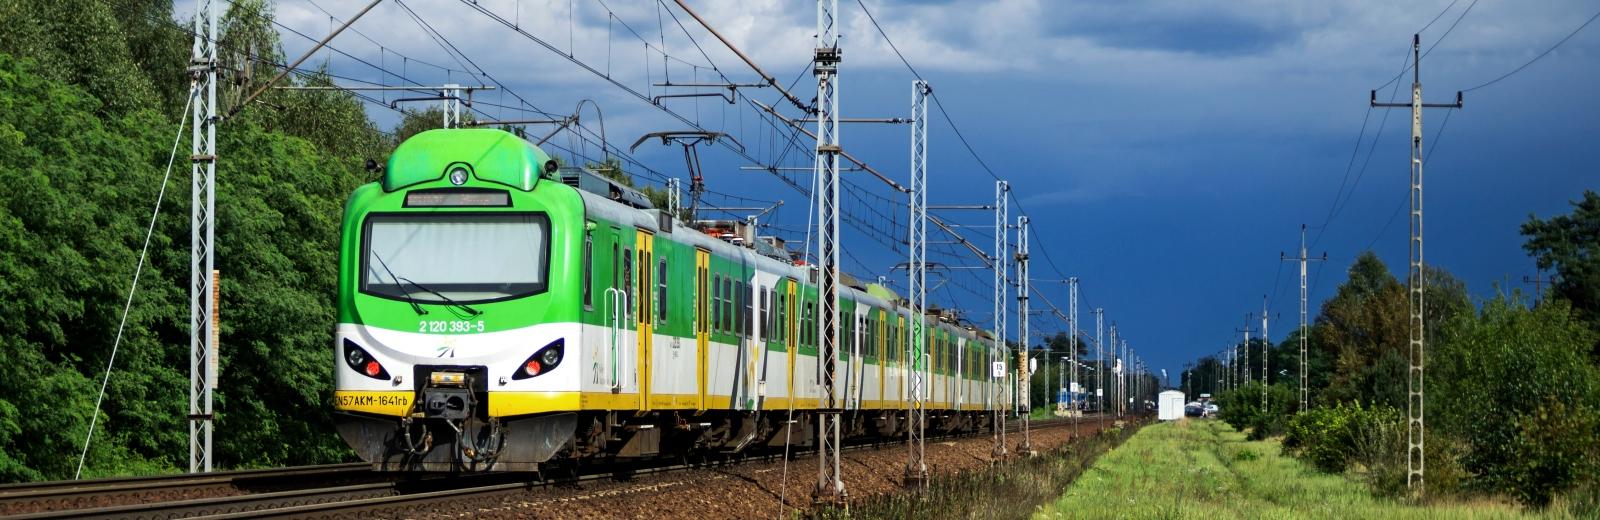 Zmiany w kursowaniu pociągów od 1 września 2015 r.